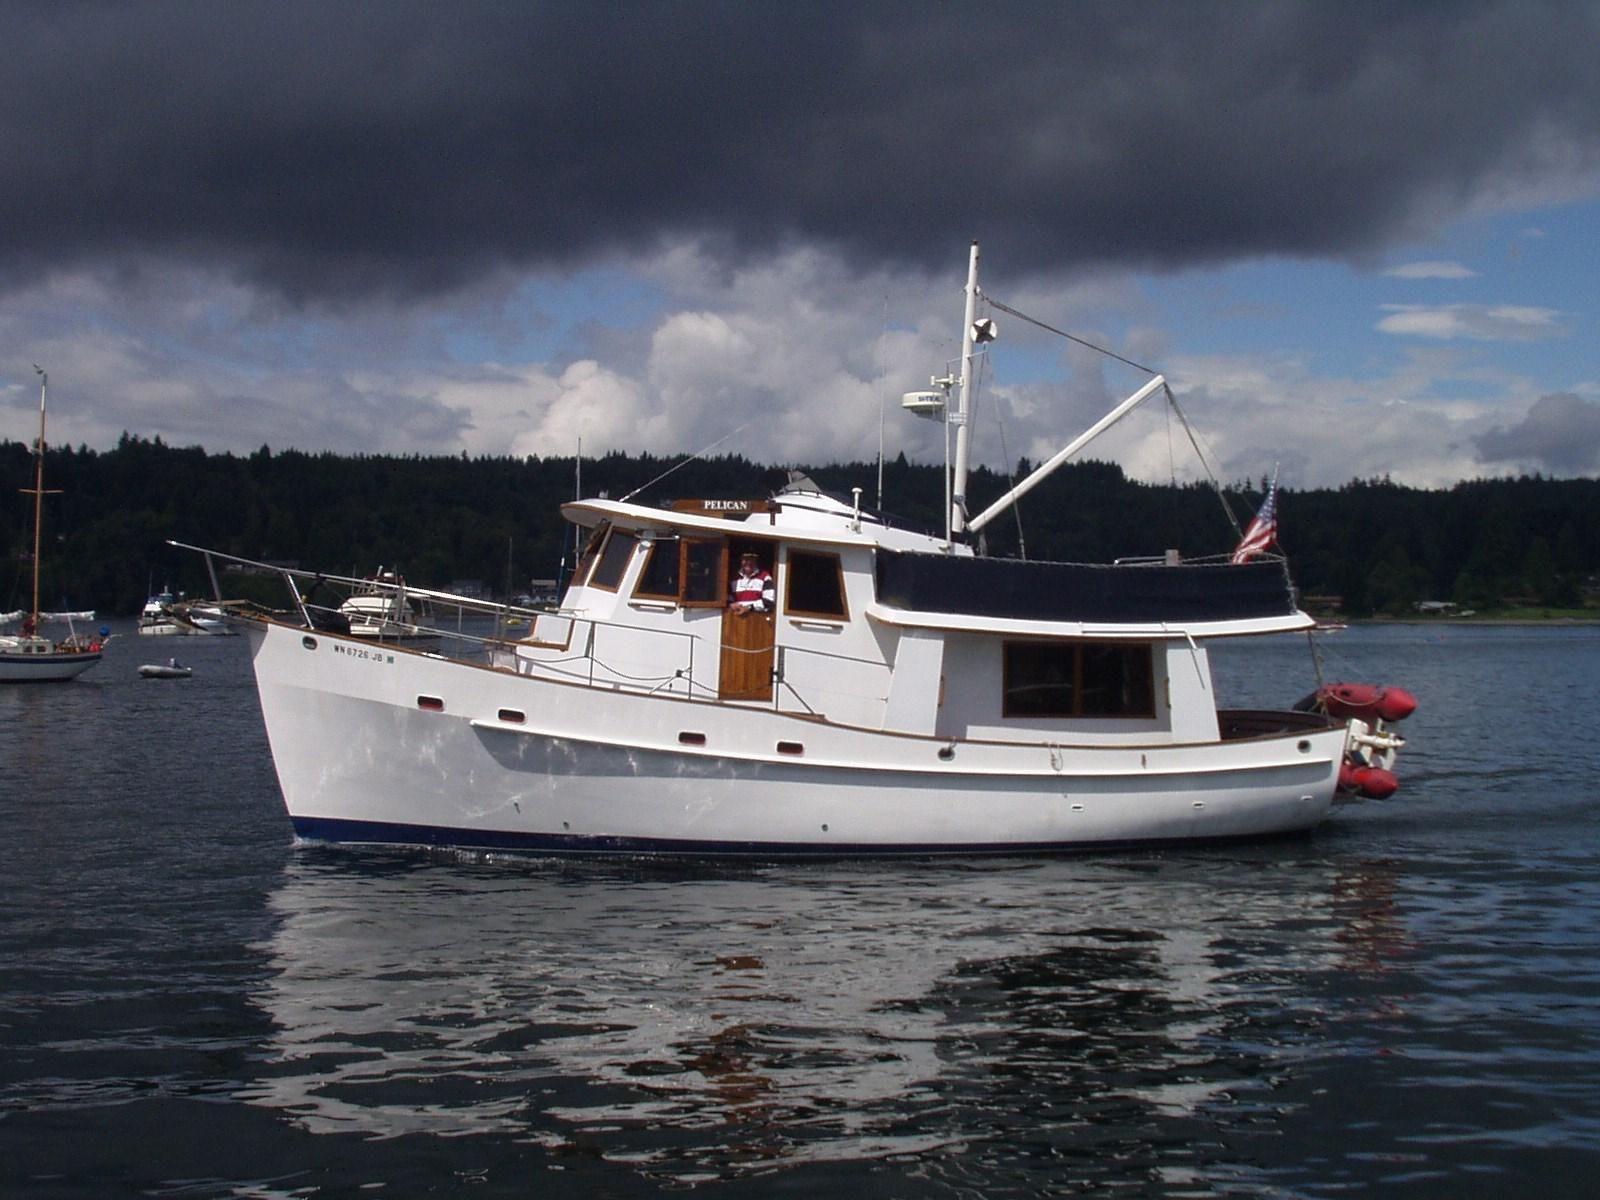 1981 Krogen 42 Trawler Project Power Boat For Sale Wwwyachtworld